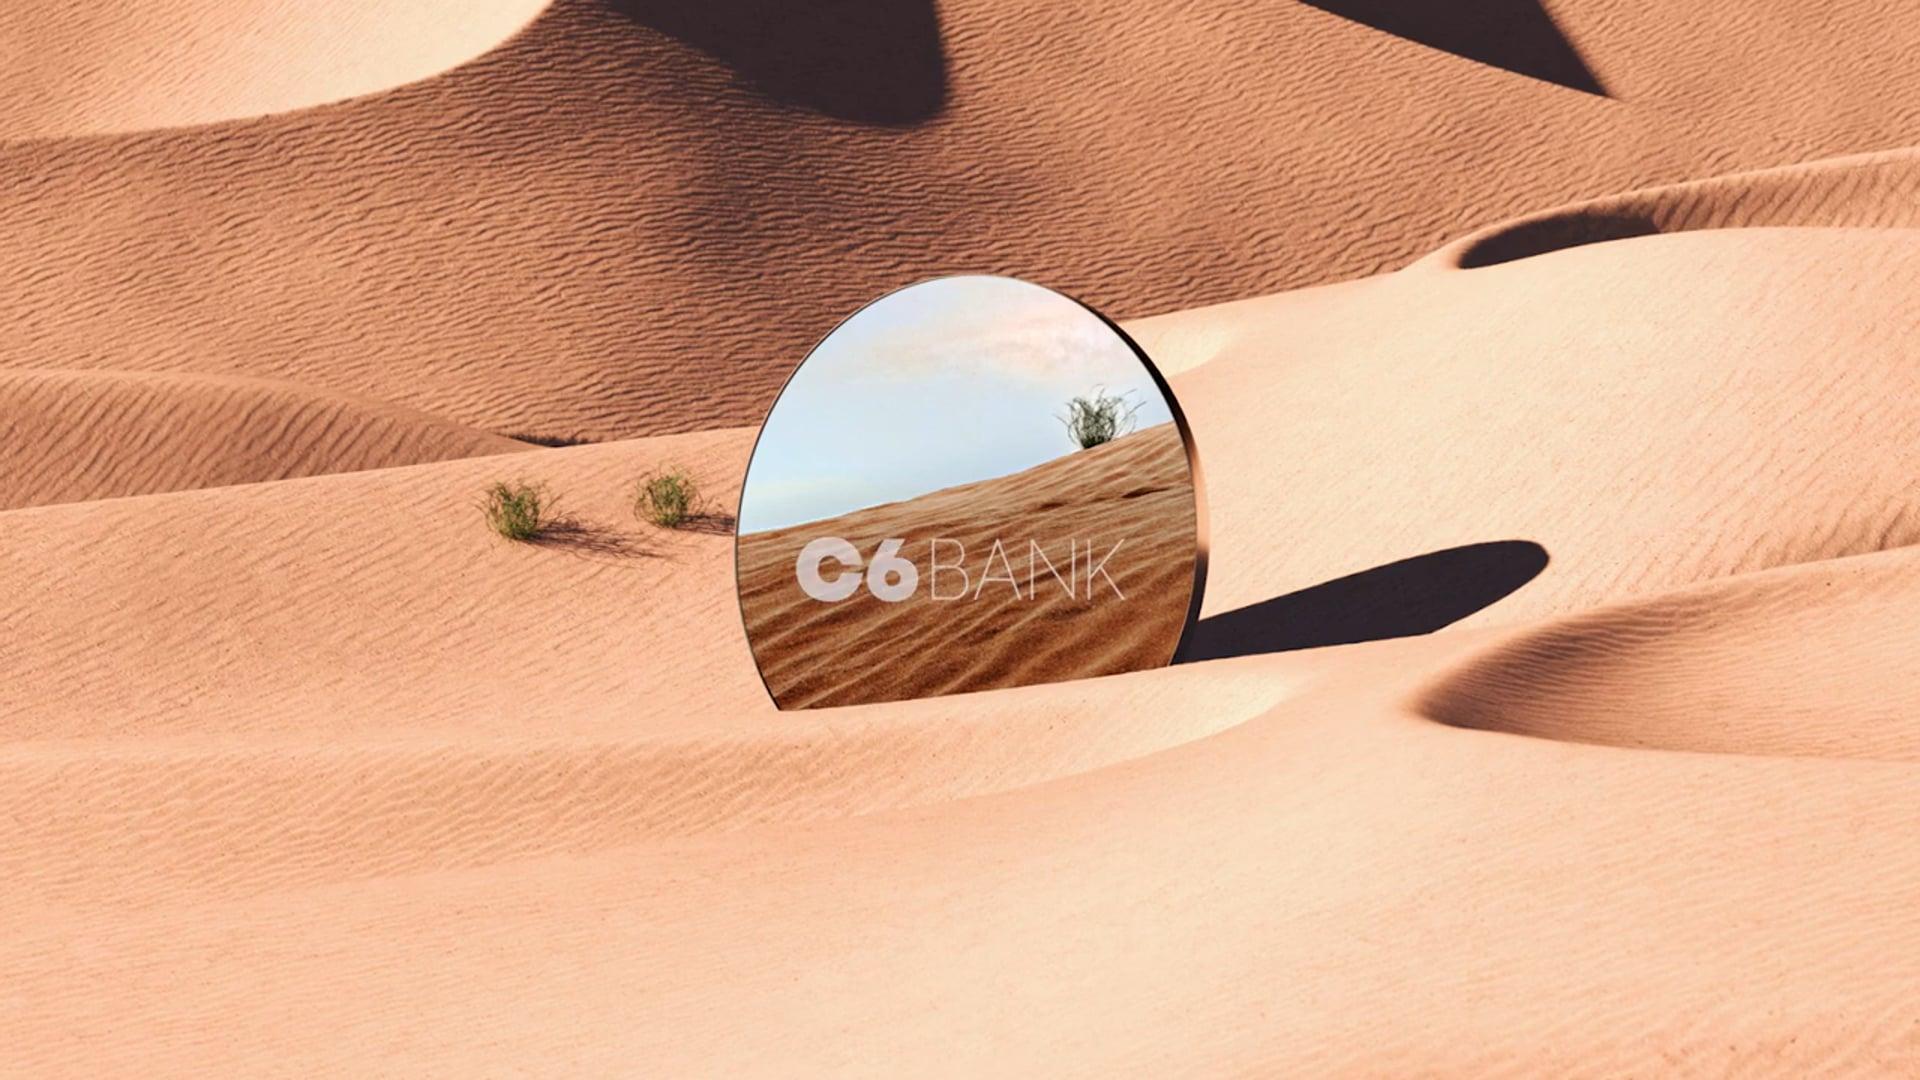 C6 BANK - Conta sem tarifa